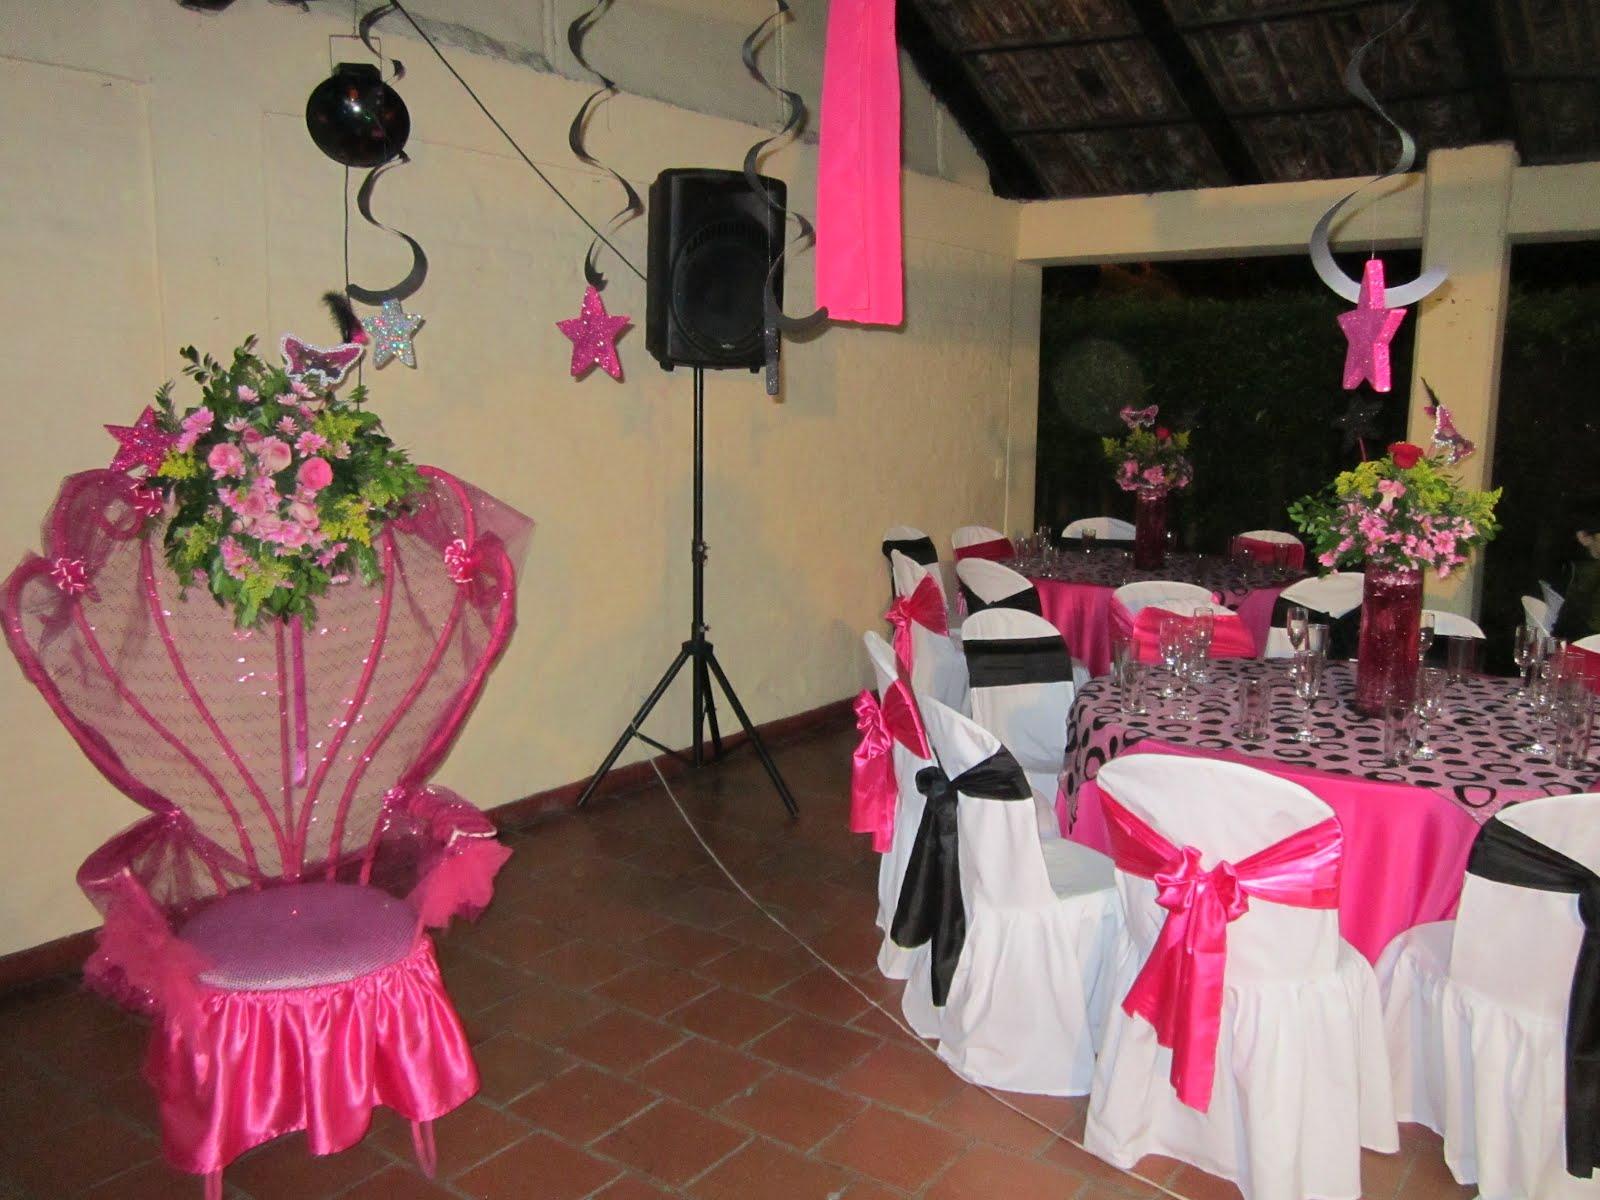 casa de eventos lopez 15 a os salon descubrimiento On decoraciones para 15 anos sencillos en casa